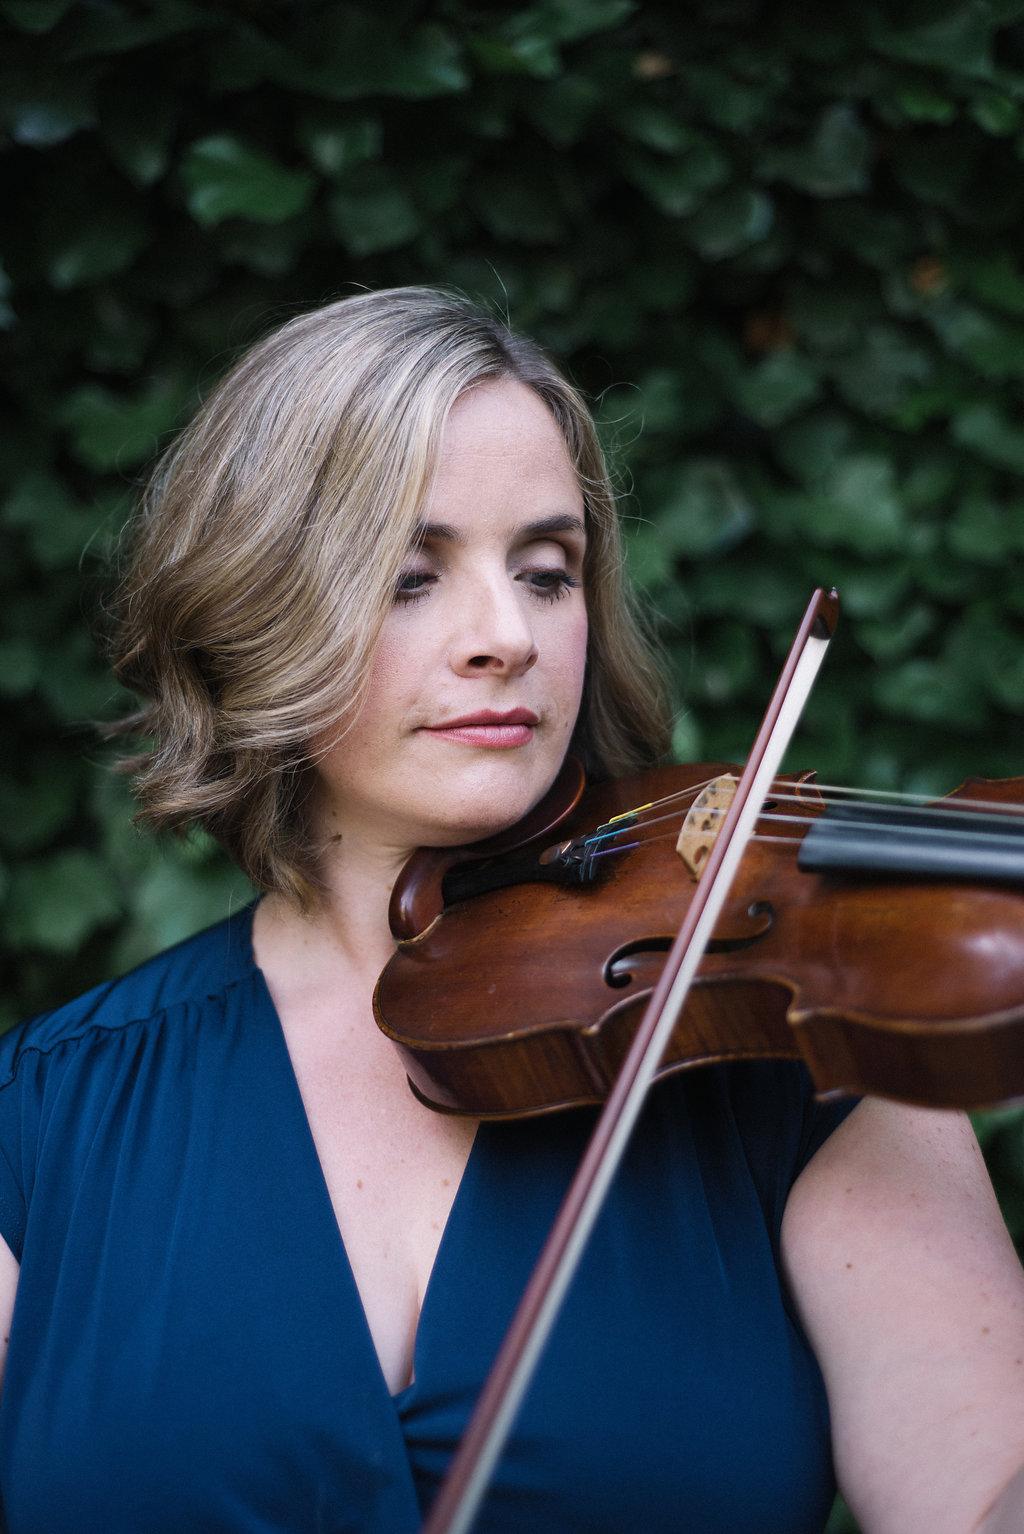 Copy of Stephanie Merten - Violin